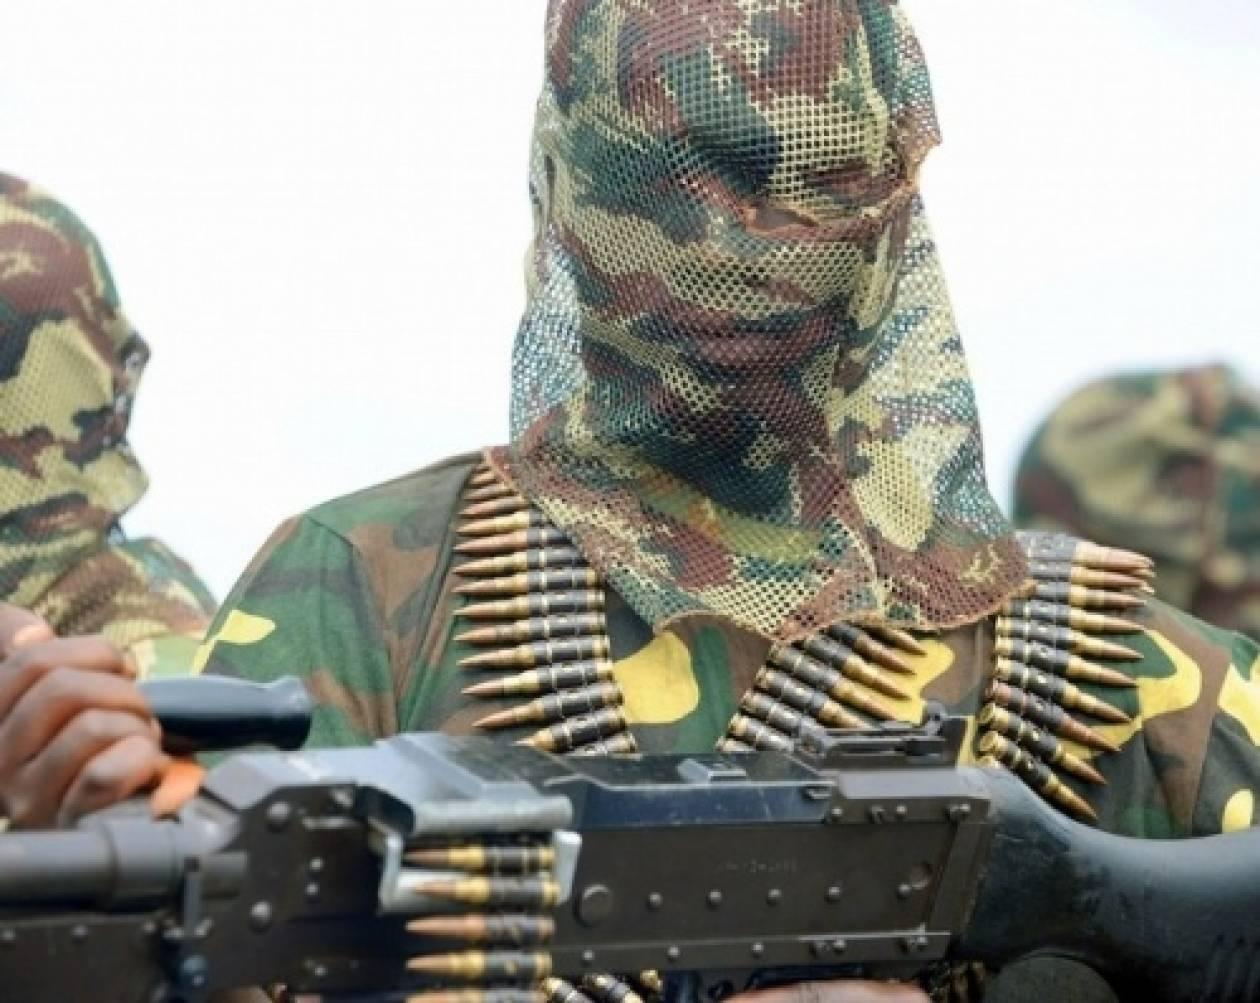 Η Μπόκο Χάραμ υπεύθυνη για τις επιθέσεις στη Νιγηρία